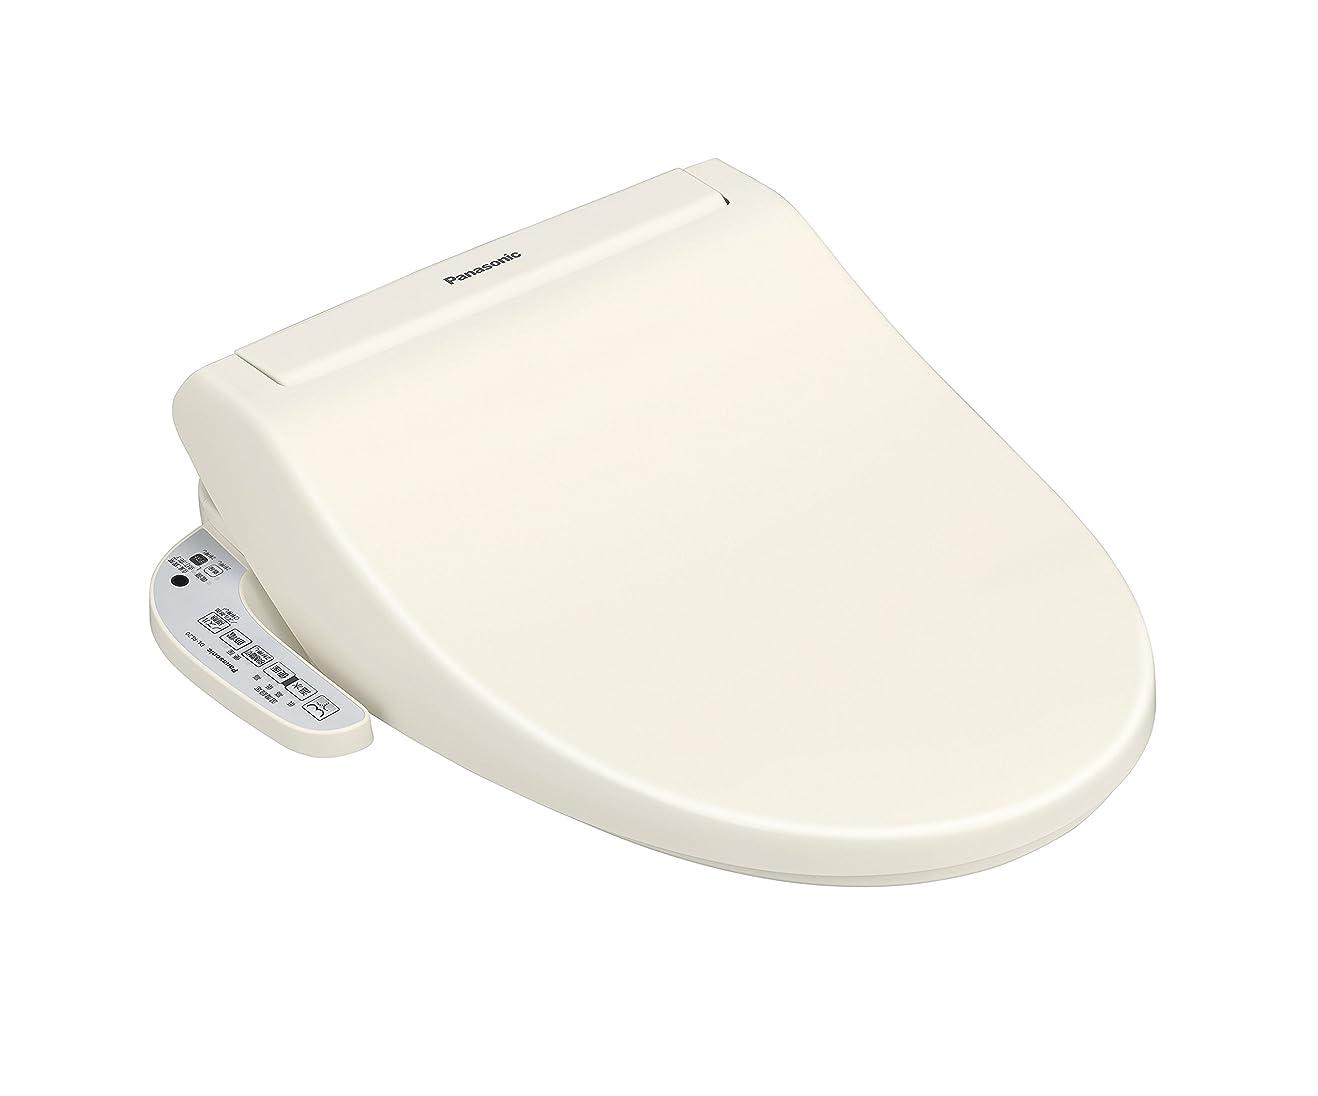 パーフェルビッドステージシステムKVVJVV 携帯ウォシュレット 150ml大容量 温水 簡易 シャワートイレ 便座 携帯用おしり 洗浄器